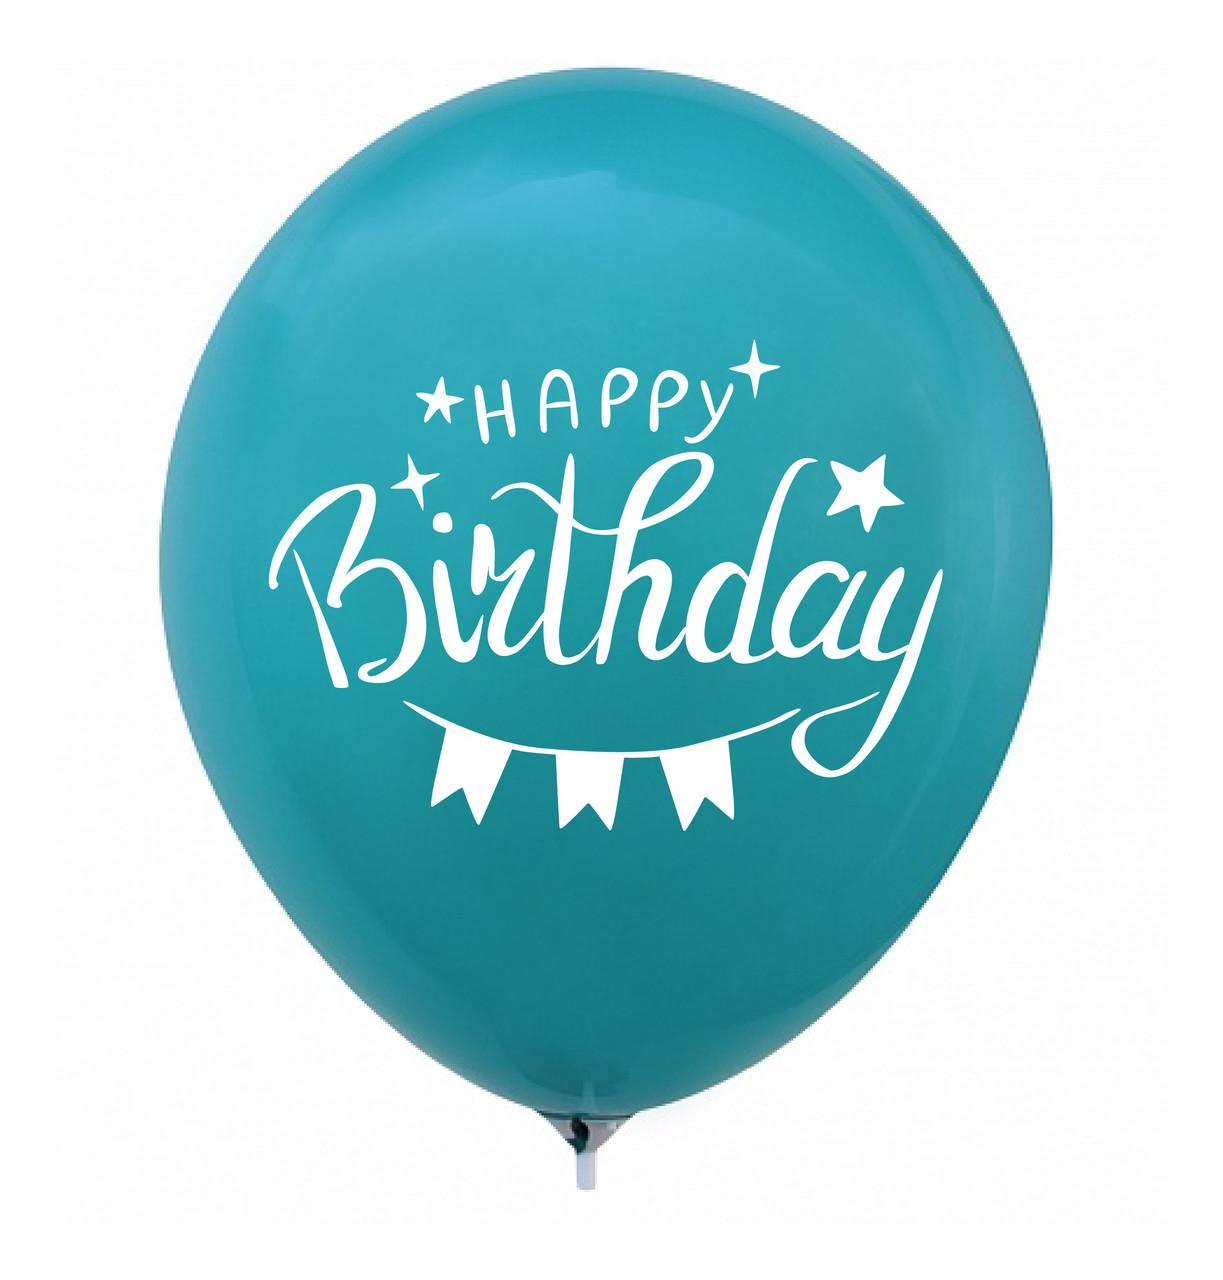 """Латексна кулька 12"""" бірюзова з малюнком """"Happy Birthday"""" (КИТАЙ)"""